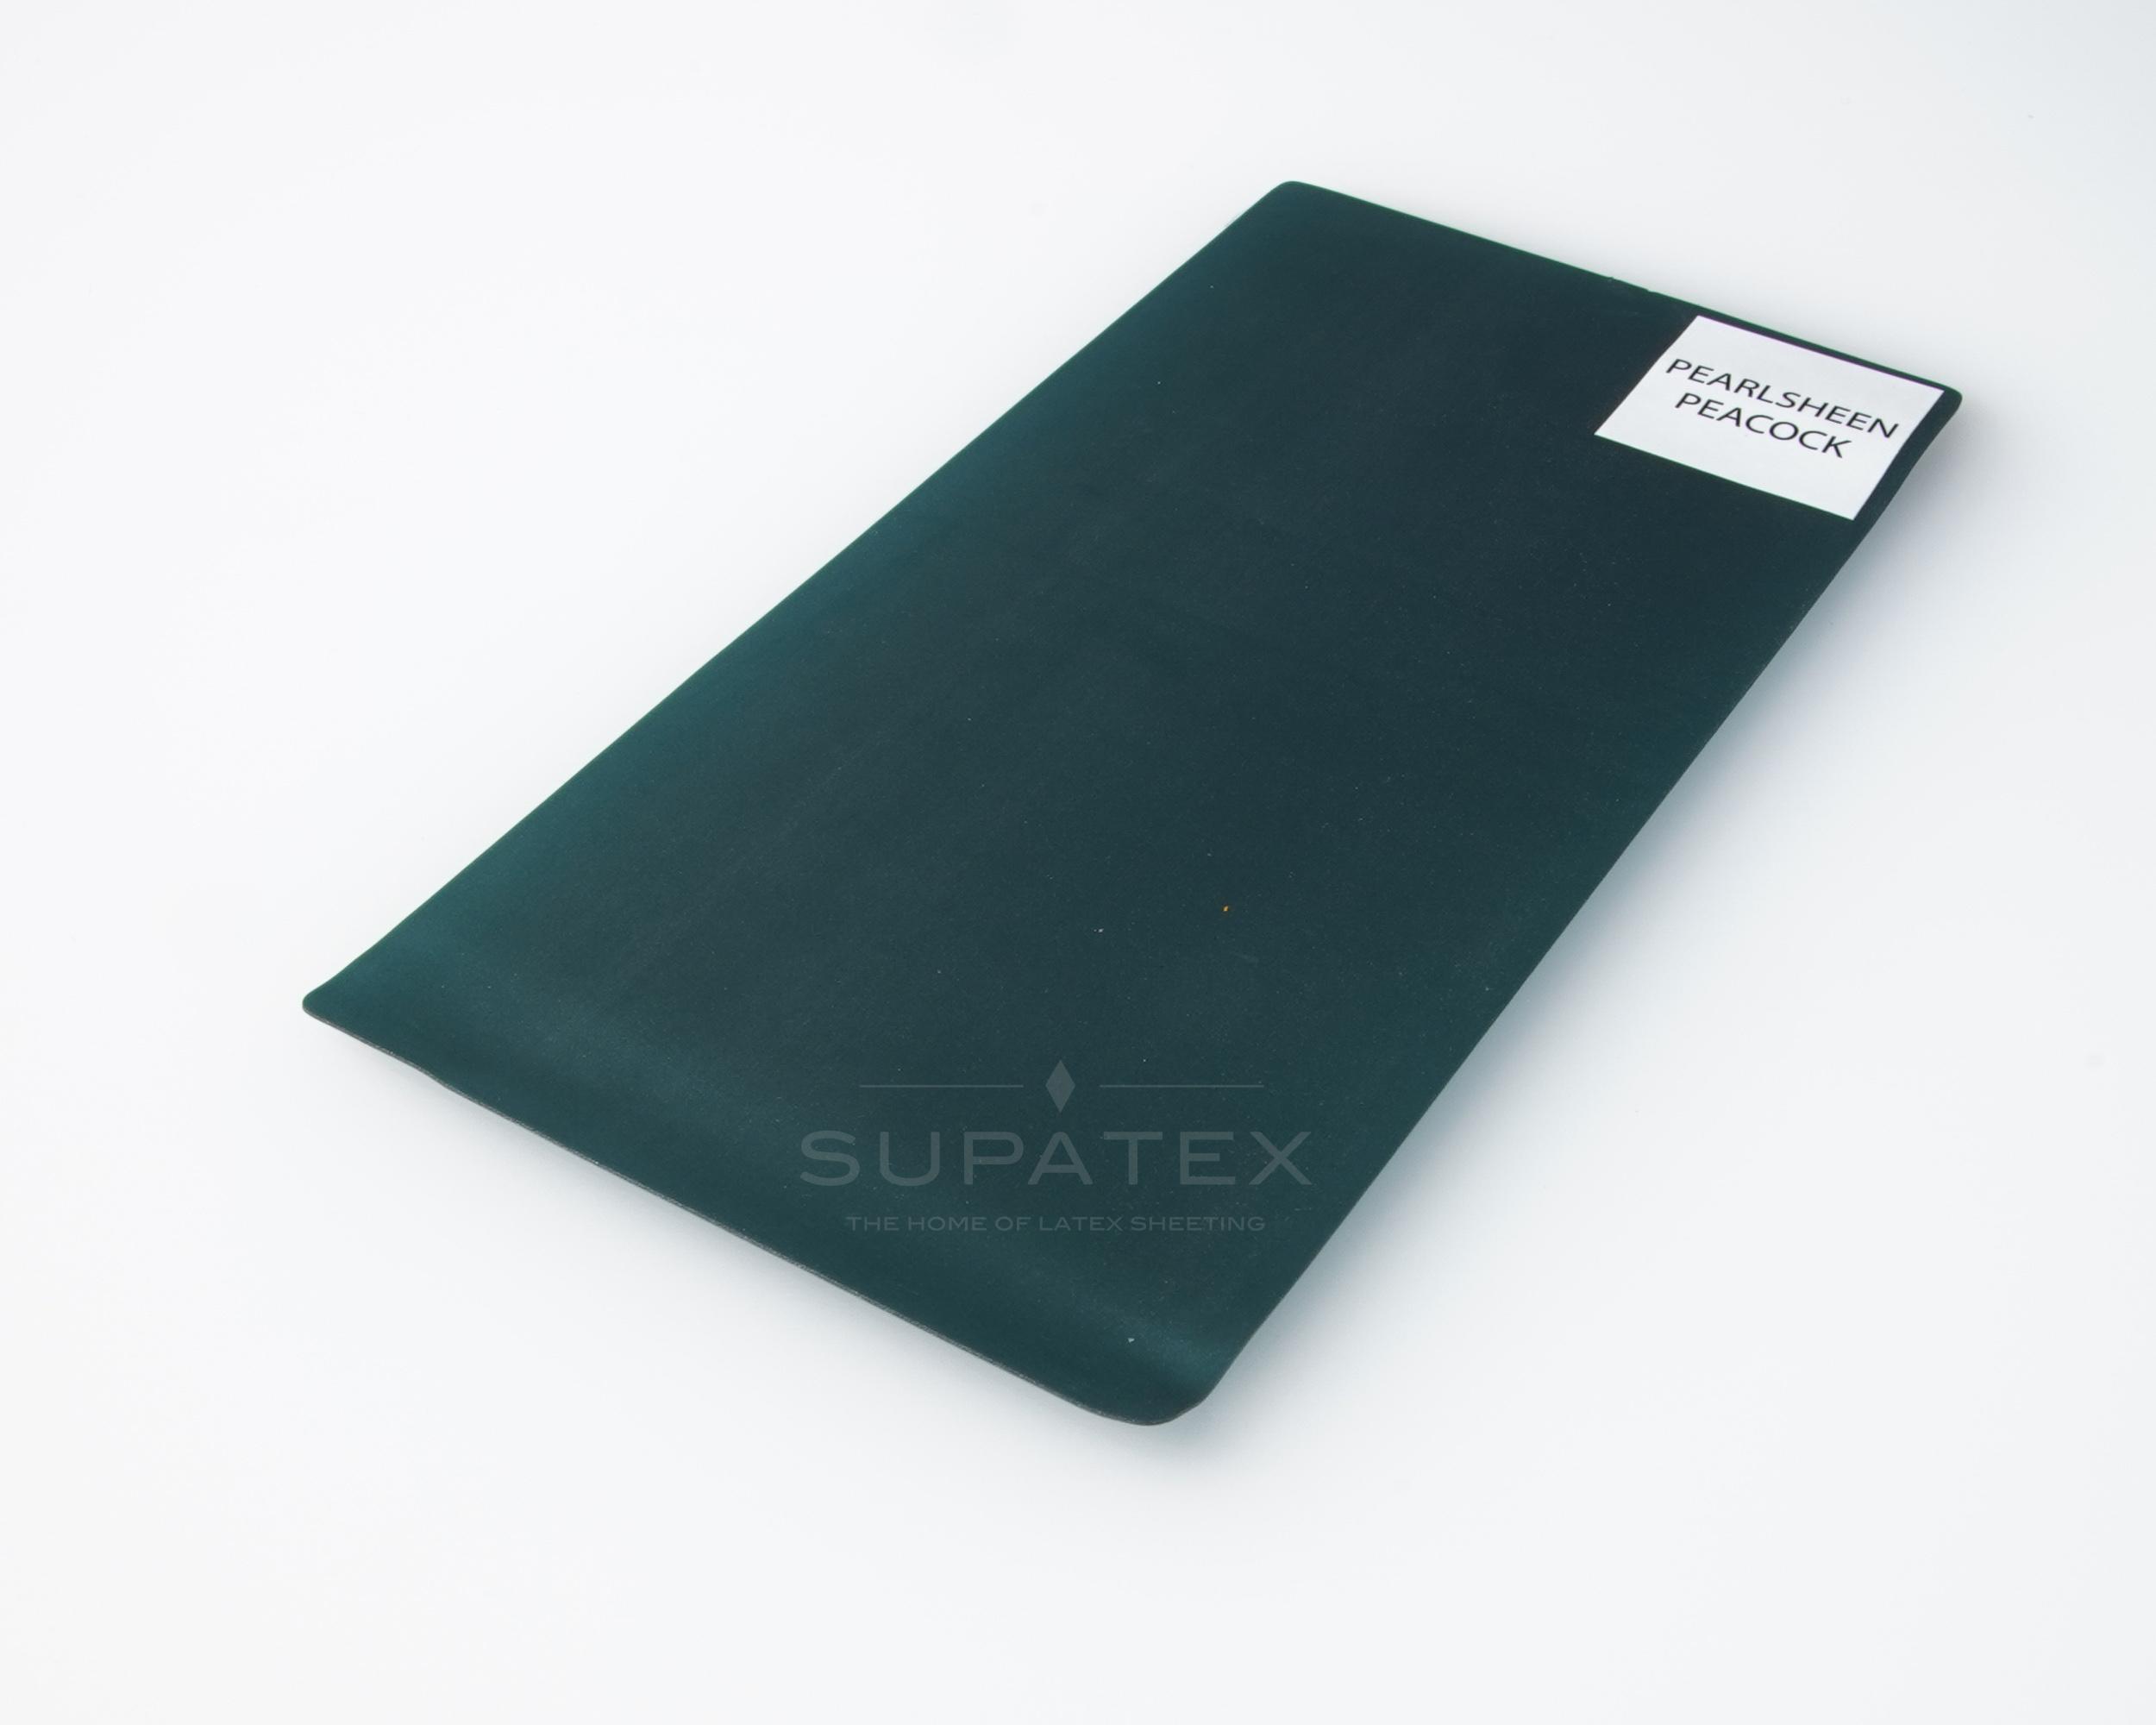 Supatex Pearlsheen Peacock 0.33 mm